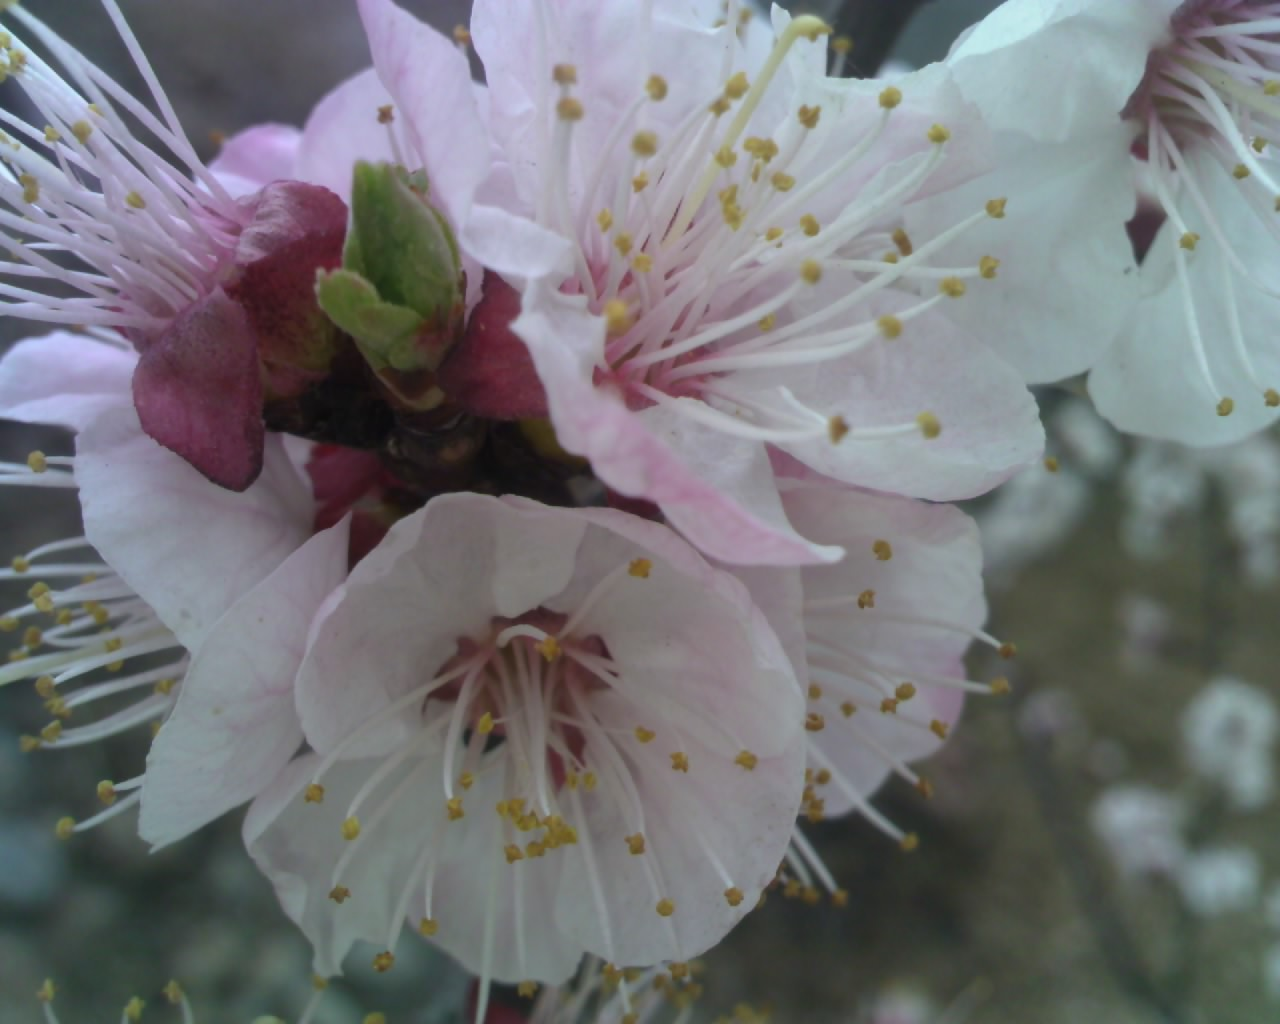 春季开花的树图片],春季 开花的 植物有哪些图片